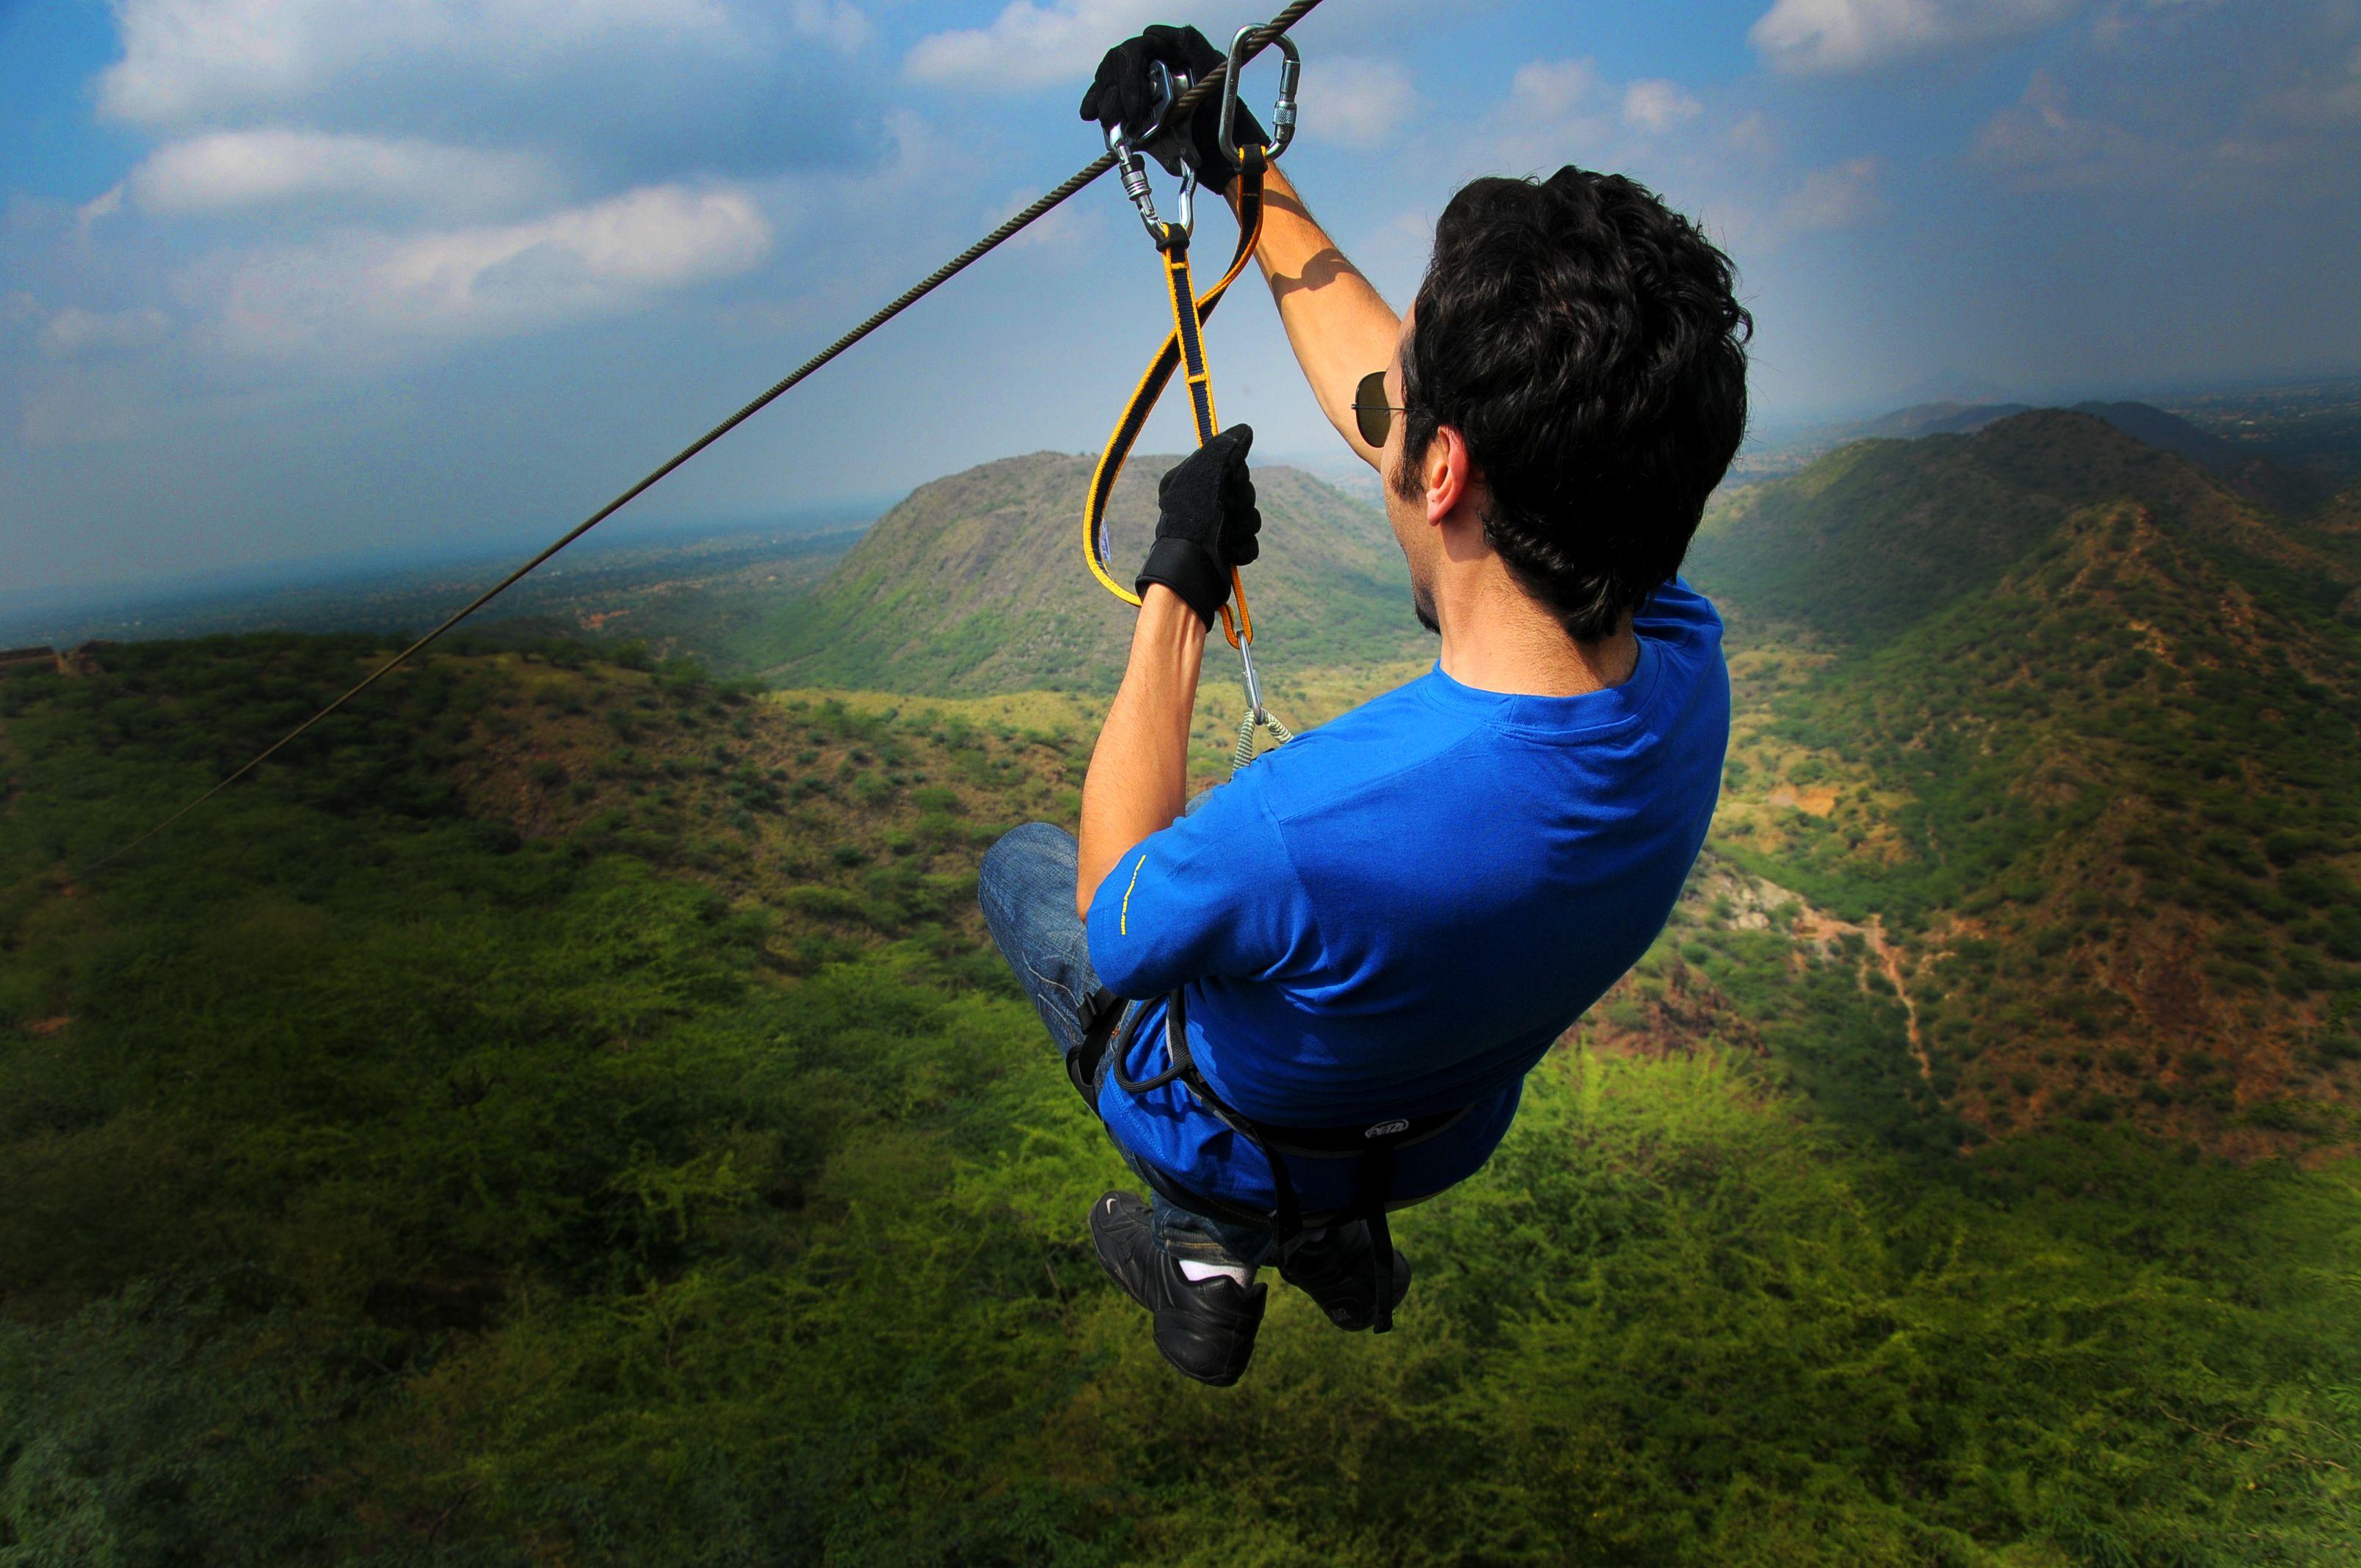 Aerial Zip Lining At Flying Fox Neemrana Flyingfoxzip Flyingfoxneemrana Ziplining One Day Trip Day Trip